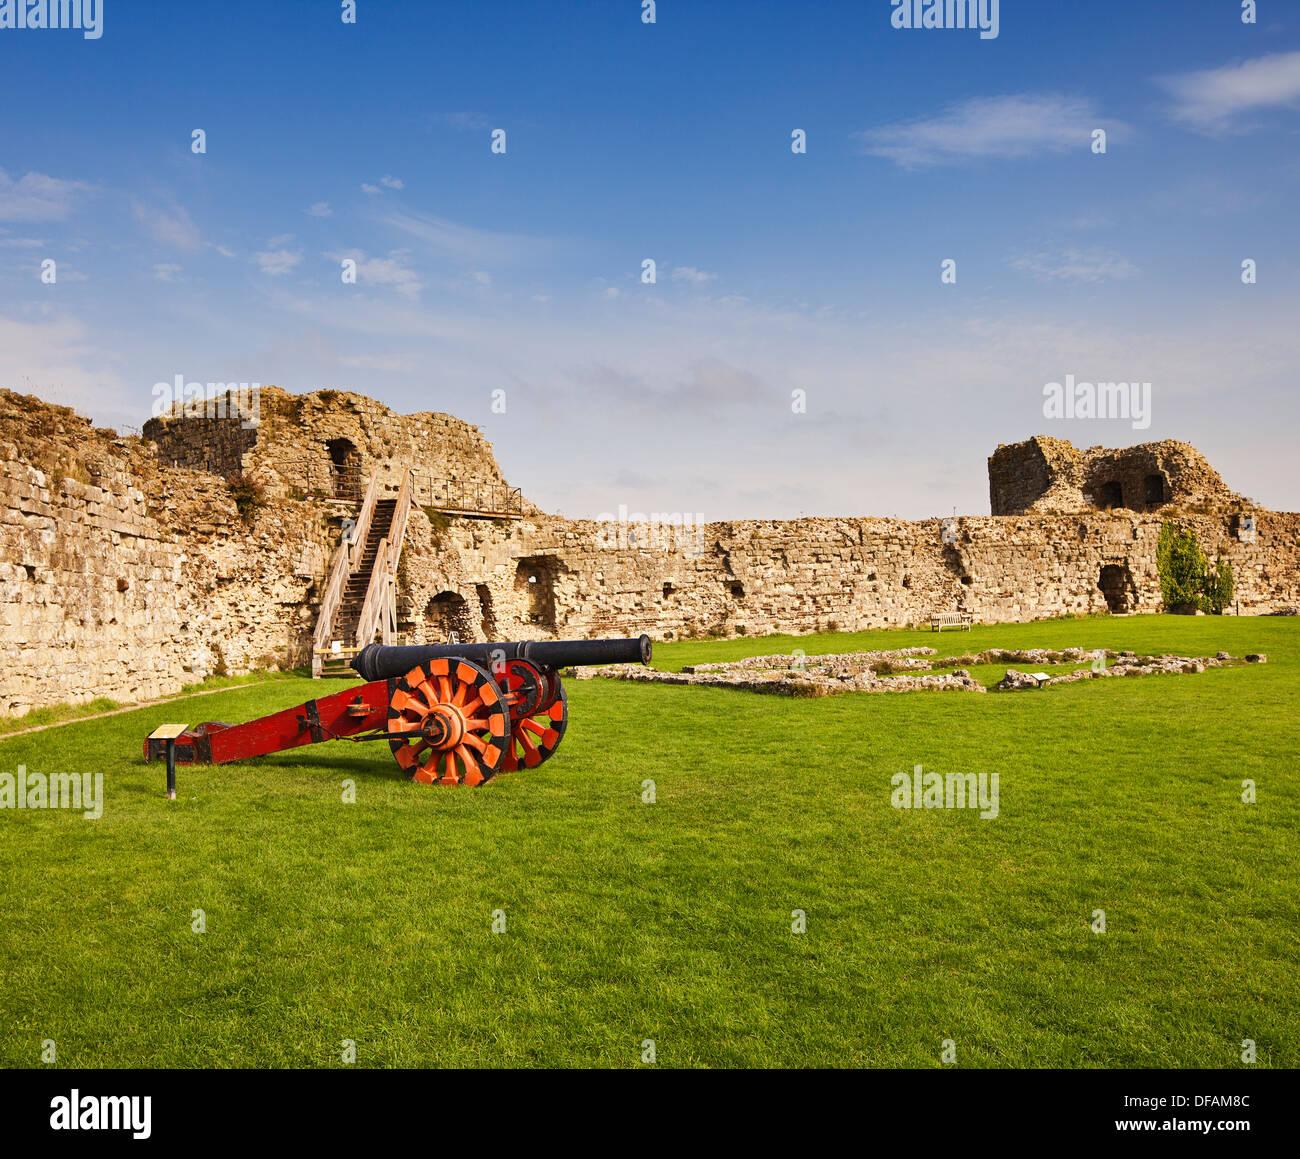 pevensey-castle-DFAM8C.jpg